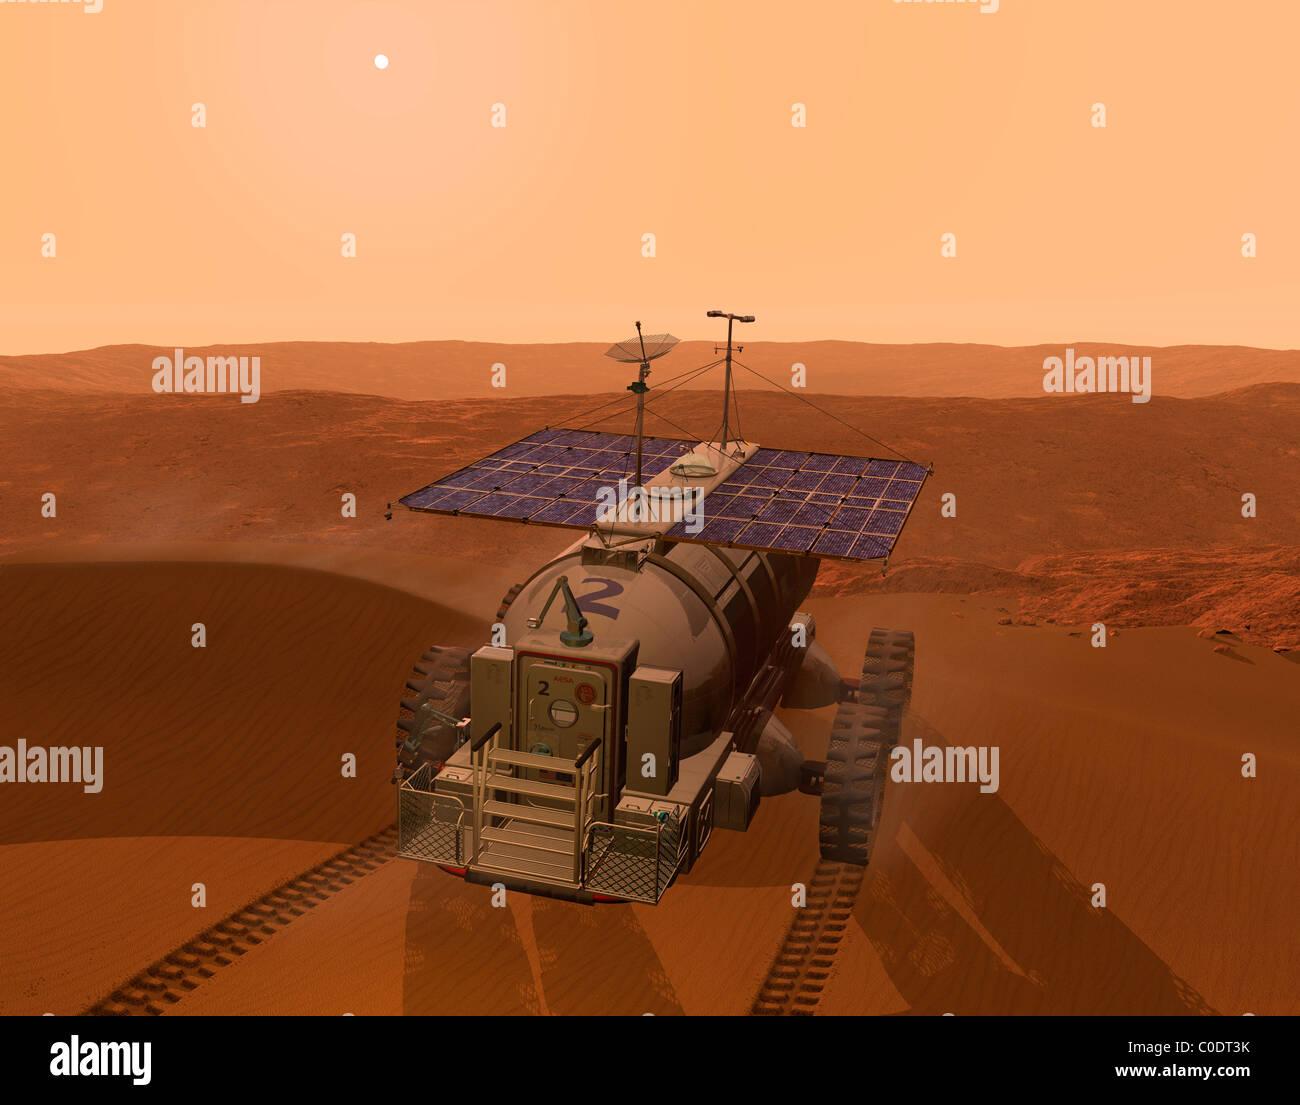 Artist's concept of a martian rover. - Stock Image